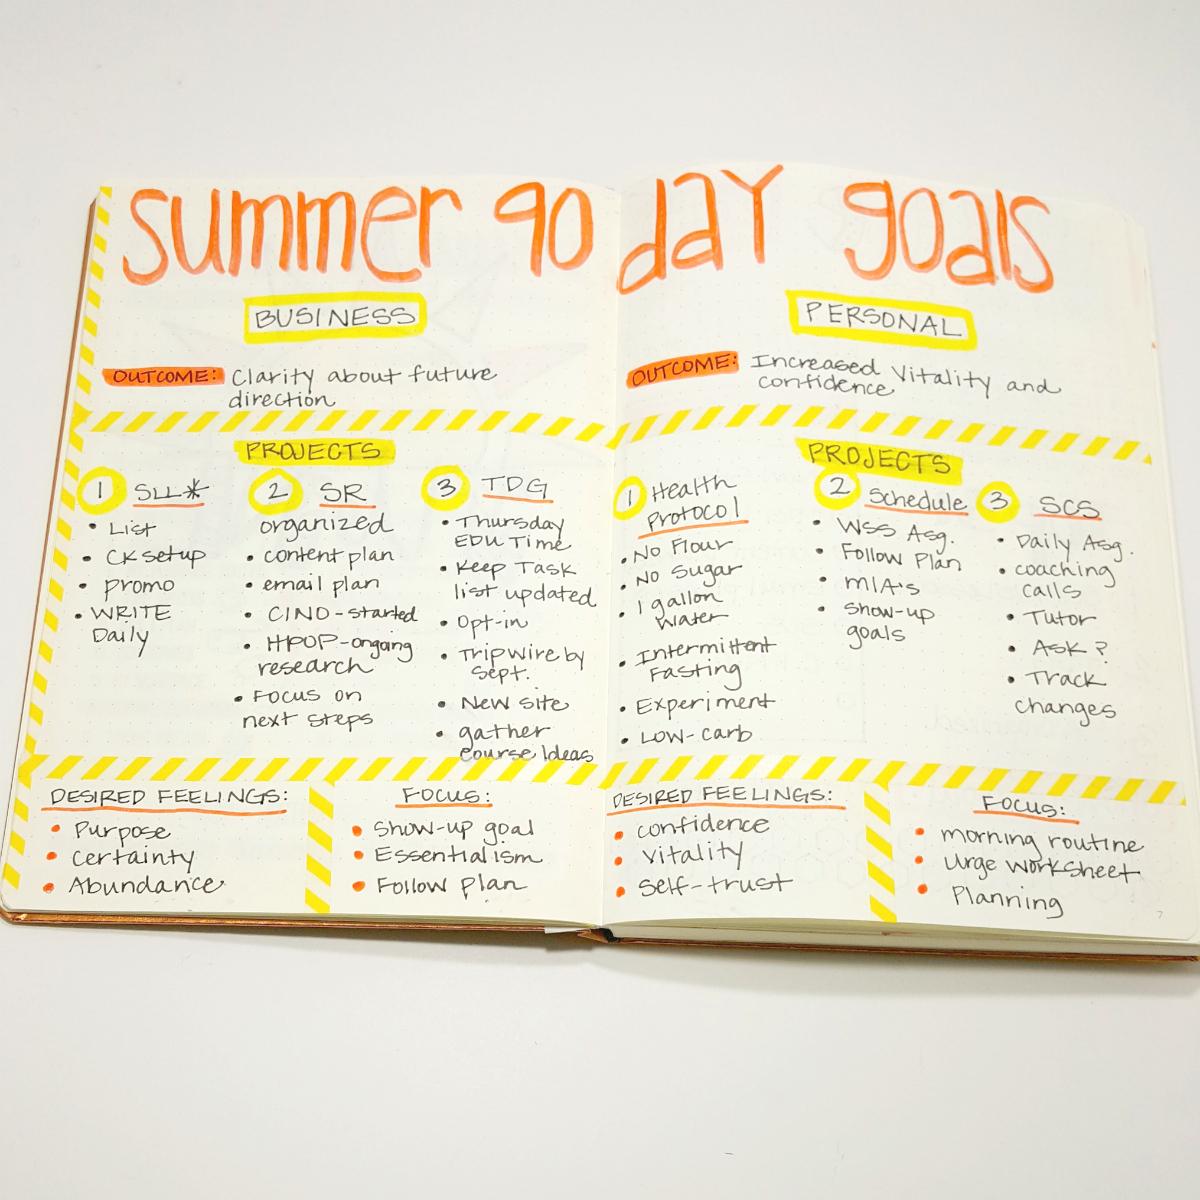 Planning My Summer 90 Day Goals